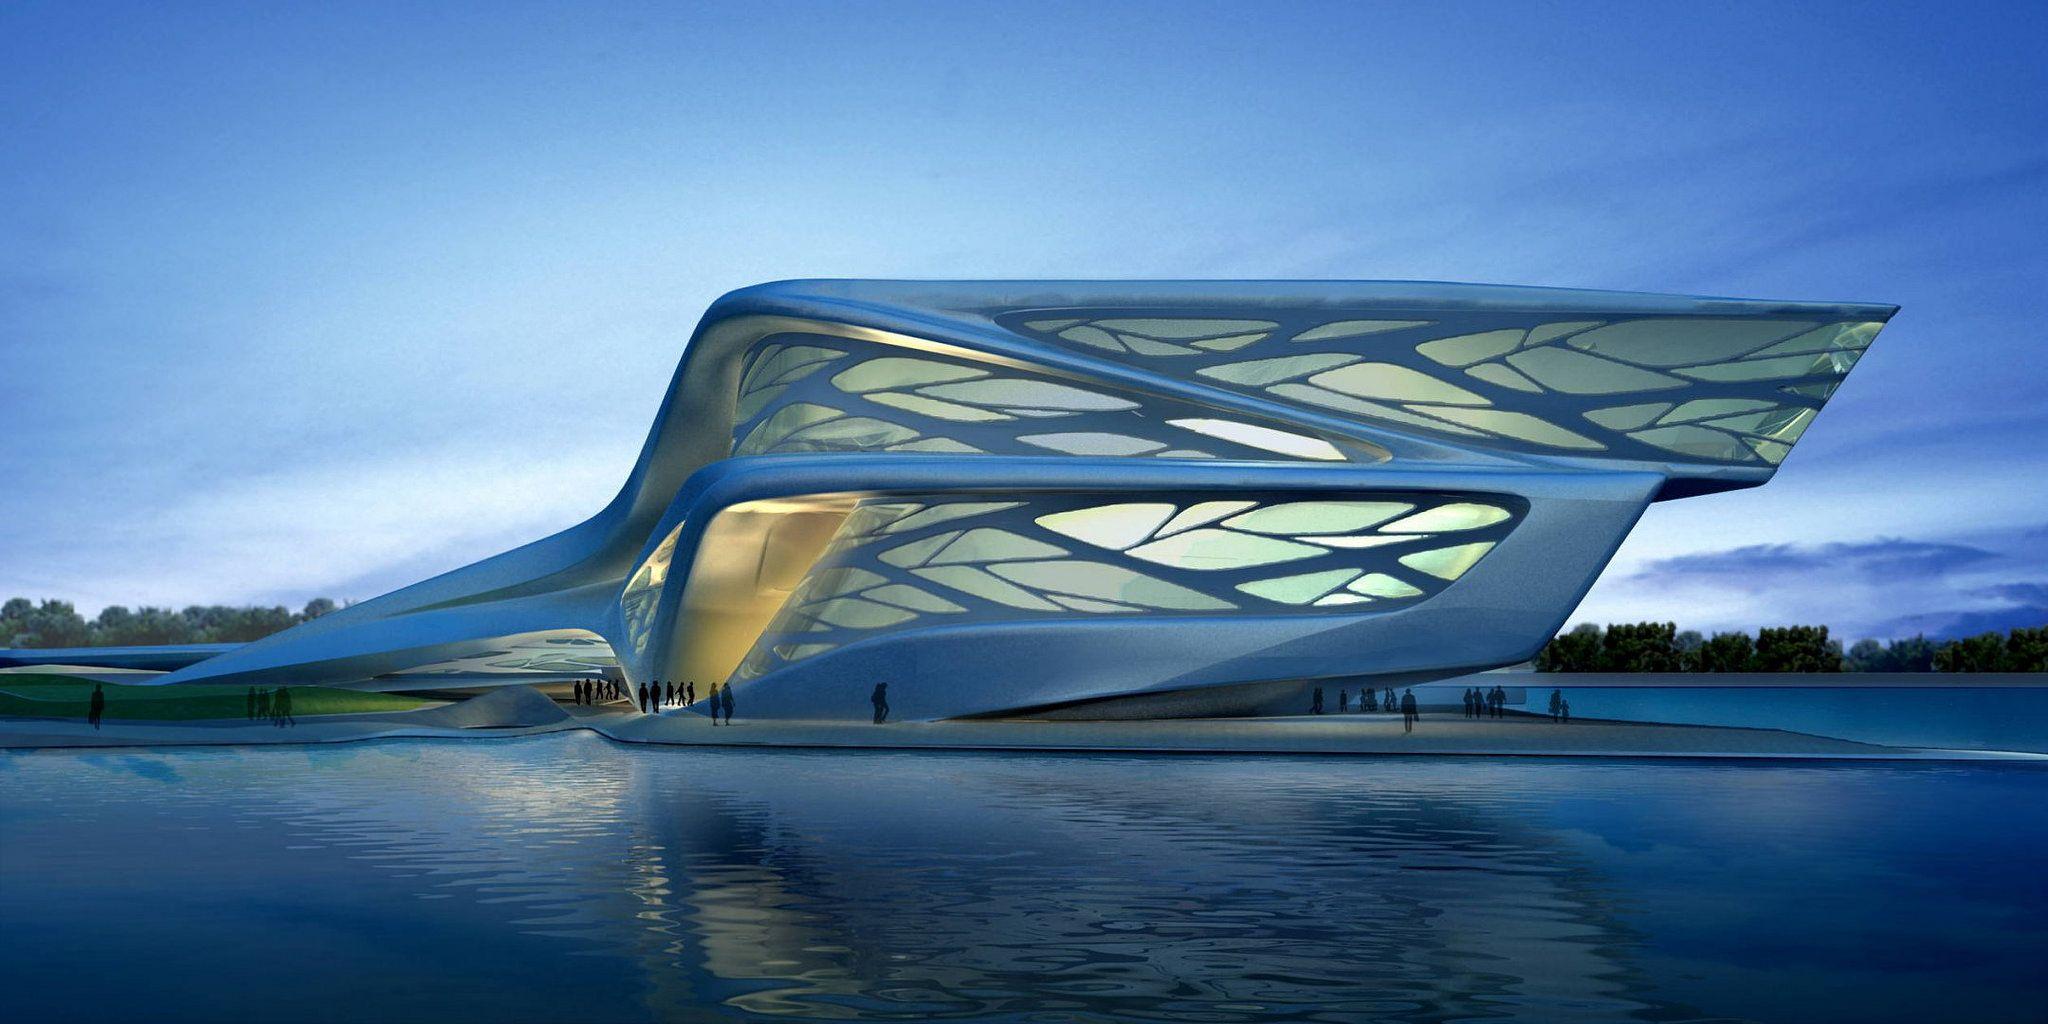 Abu Dhabi Performing Arts Centre By Zaha Hadid Architects Zaha Hadid Architecture Zaha Hadid Buildings Zaha Hadid Design